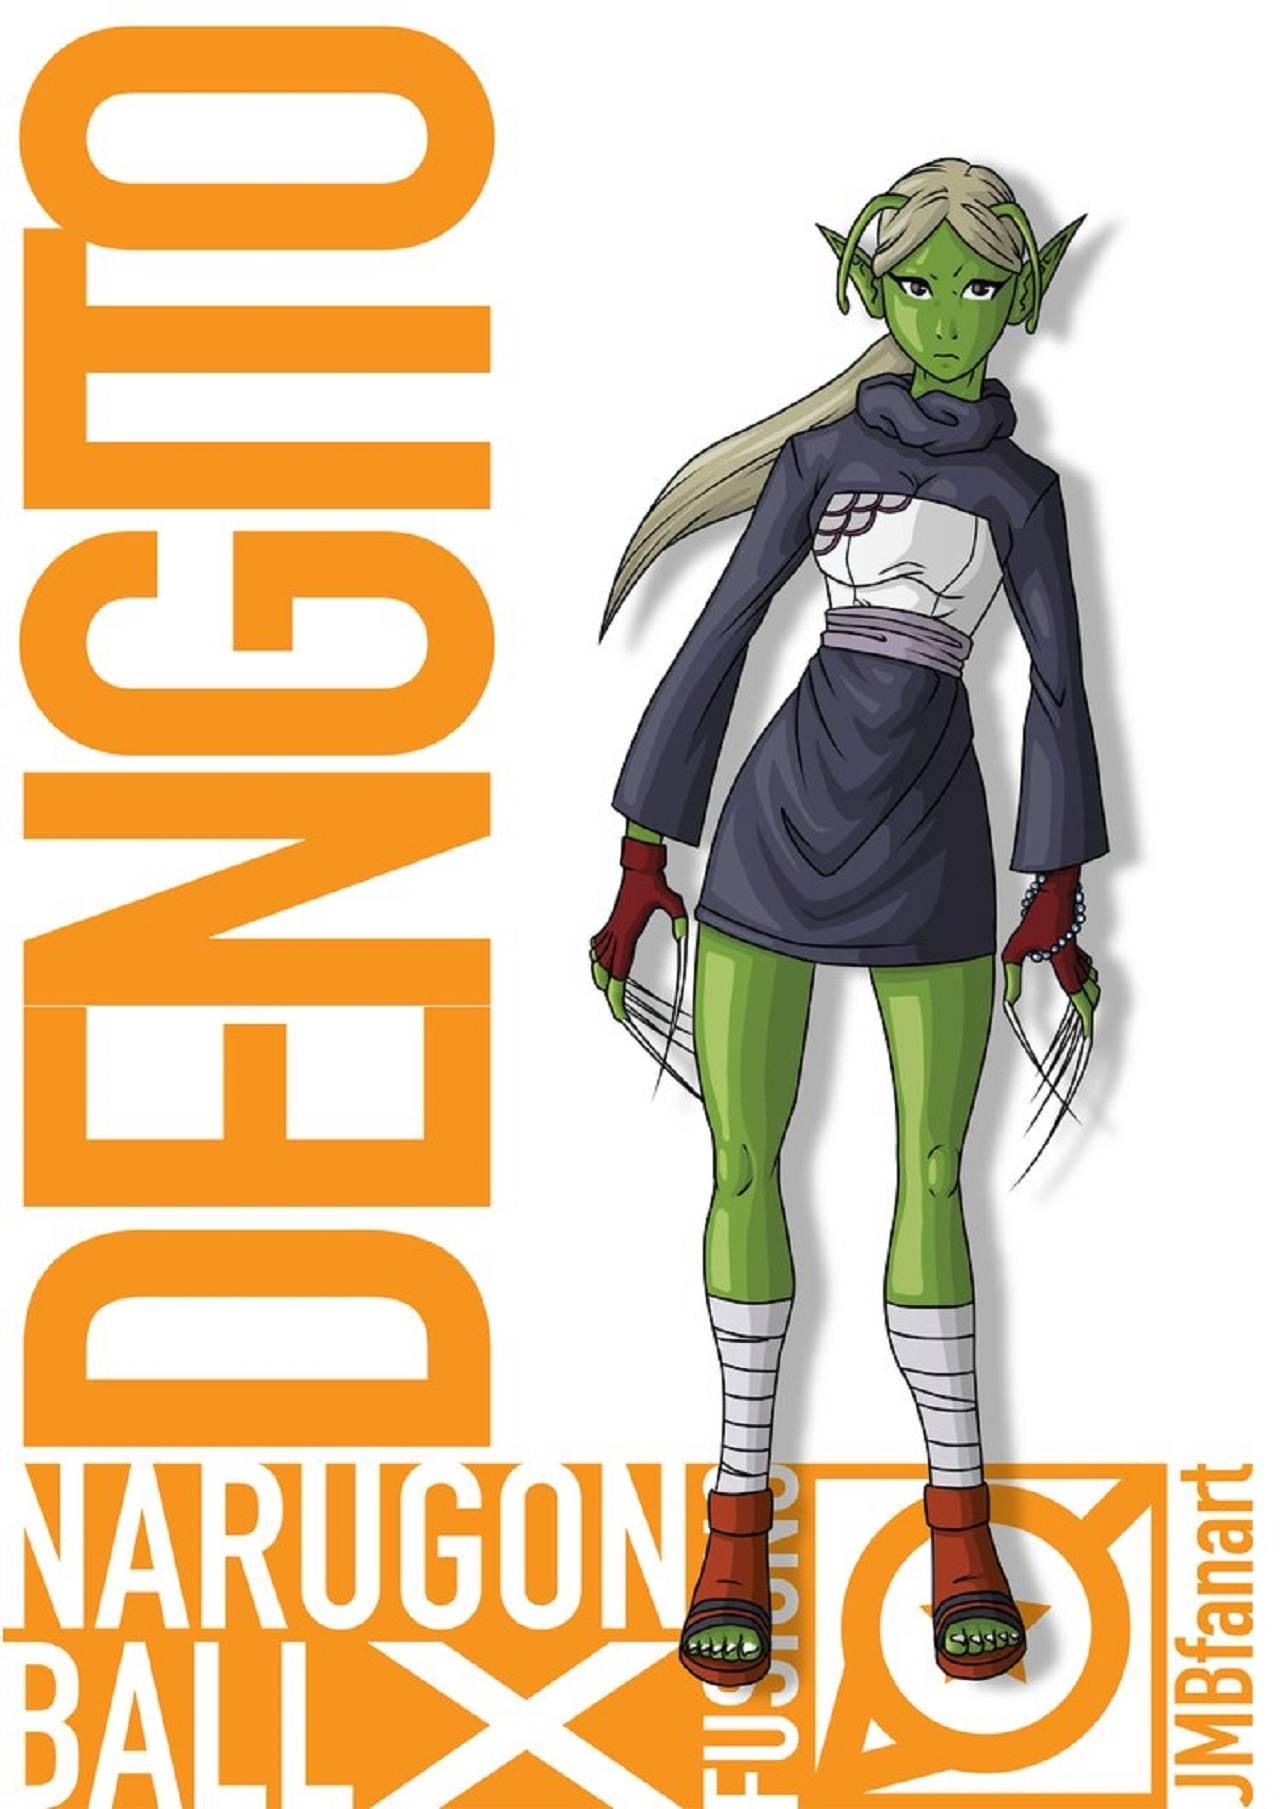 Naruto Fanart Dibujos de Dragon Ball